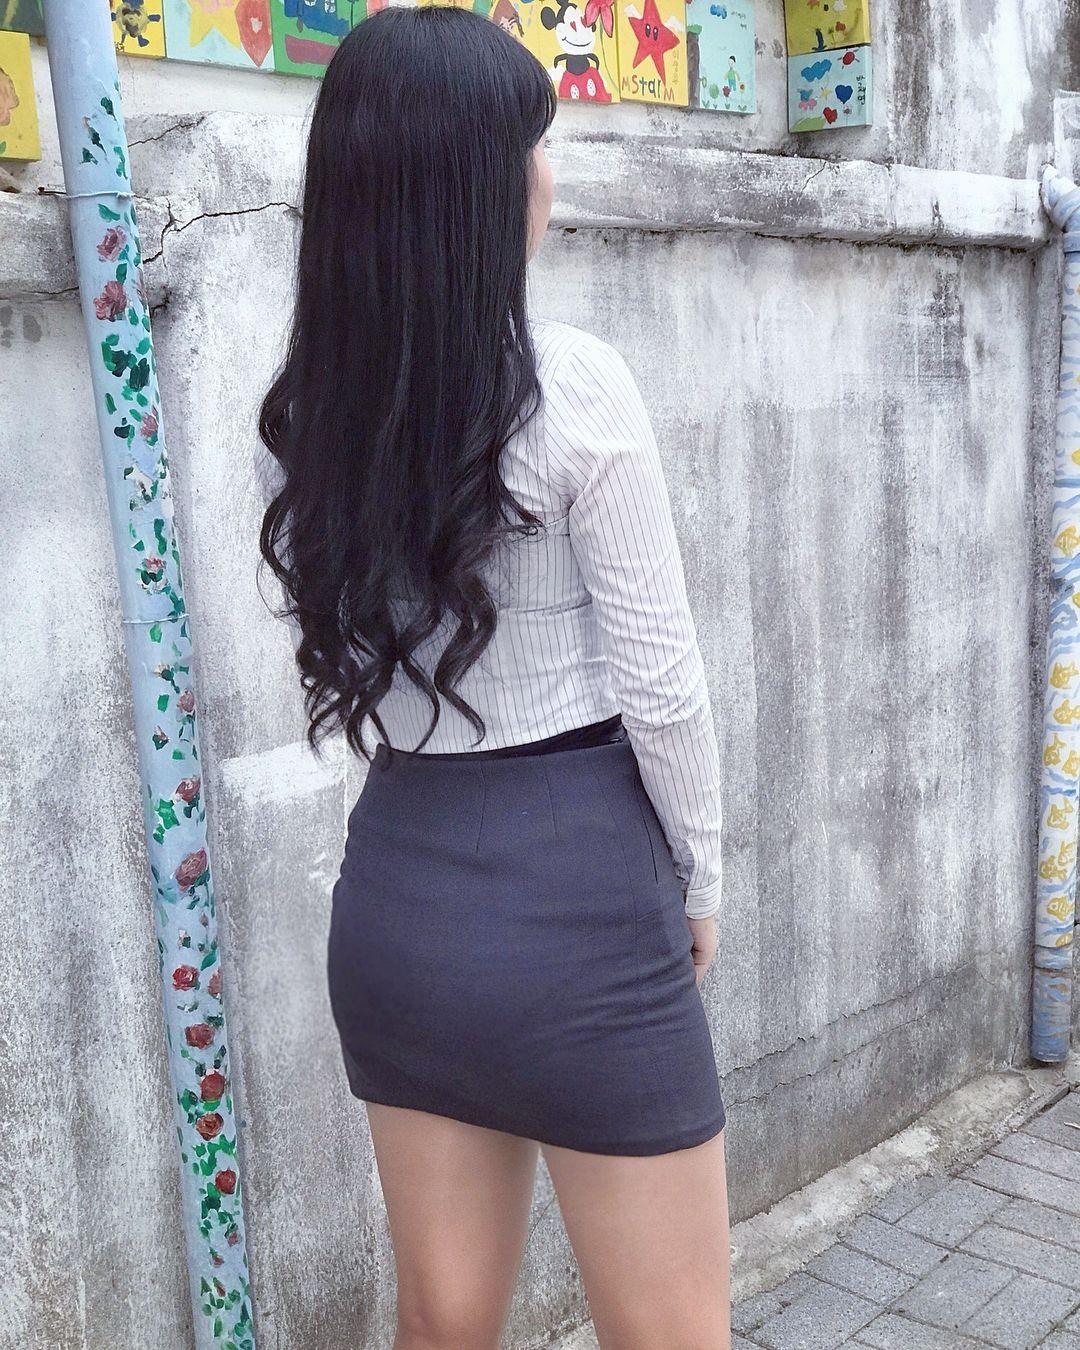 街中を歩くミニスカ韓国女子、意外とイイ尻してますわ(画像37枚)・23枚目